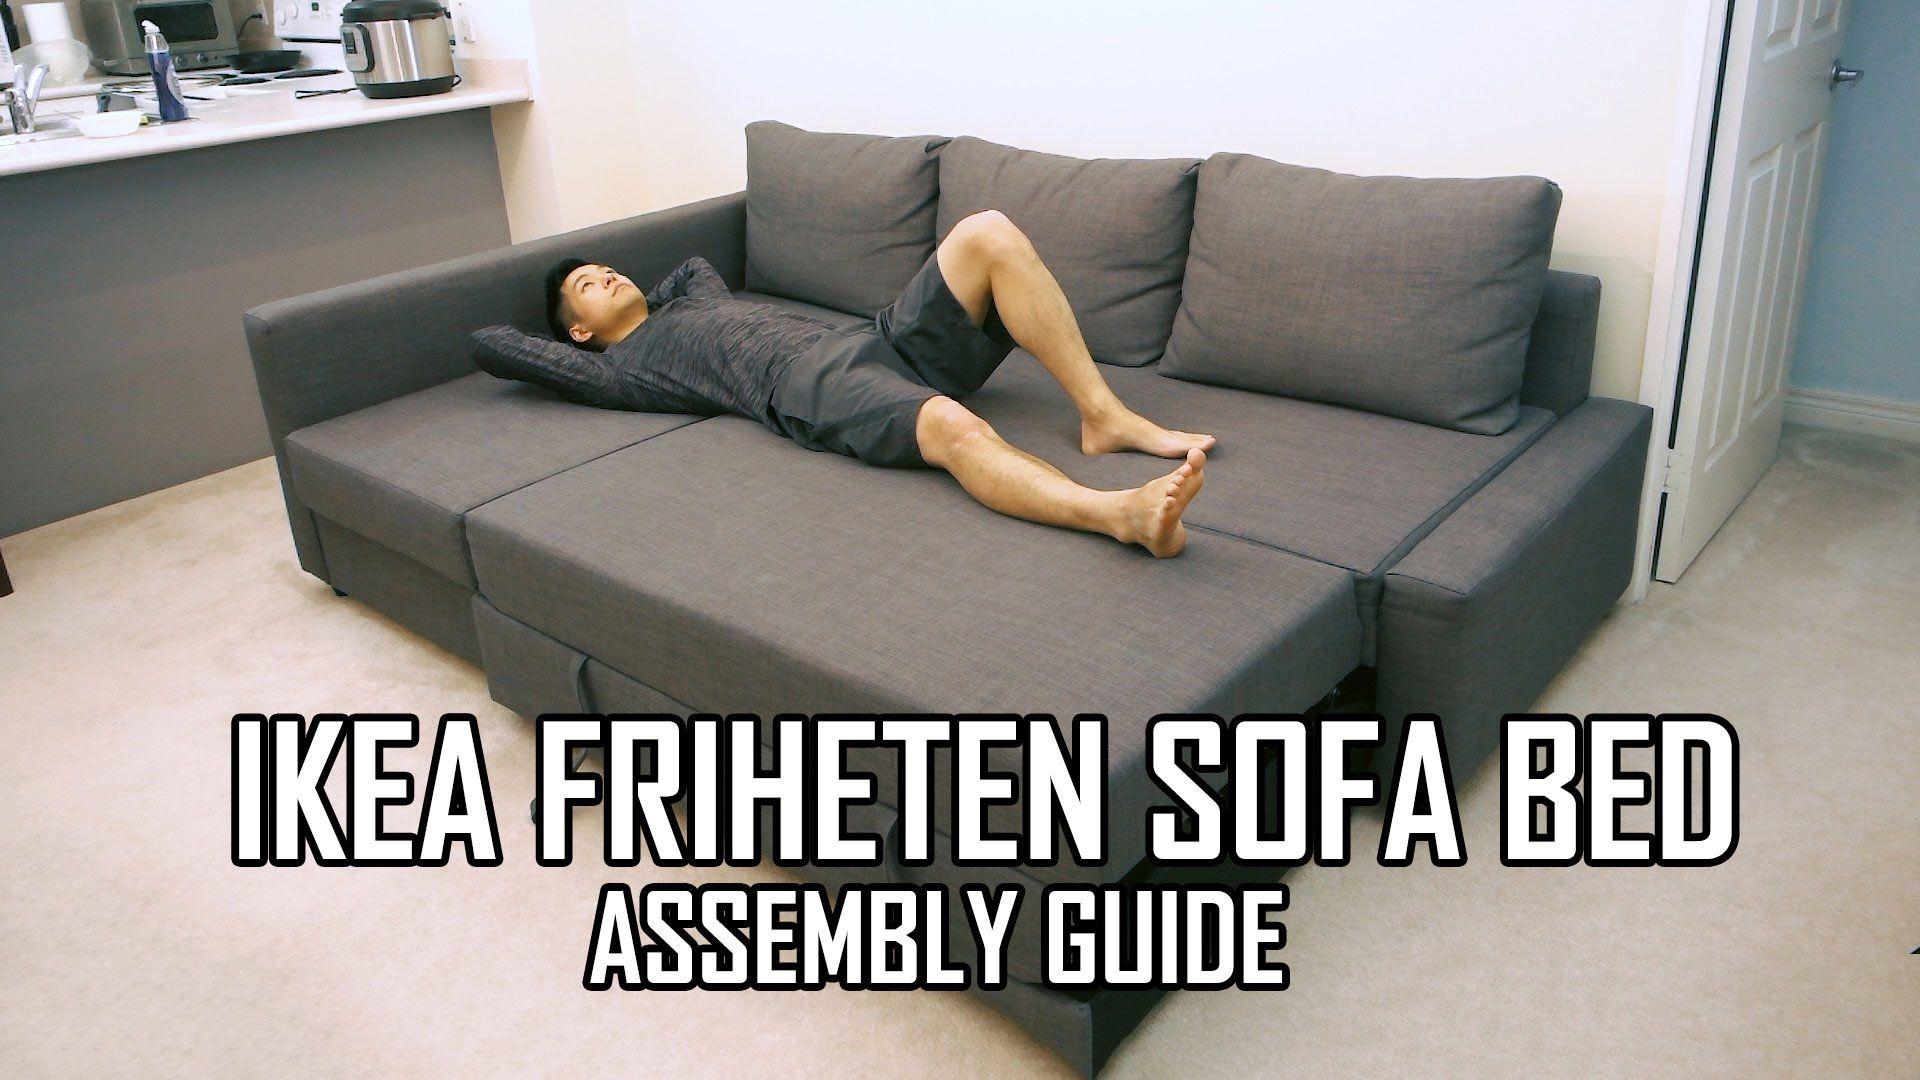 Ikea Friheten Sofa Bed Assembly Guide Friheten Sofa Bed Friheten Sofa Ikea Sofa Bed